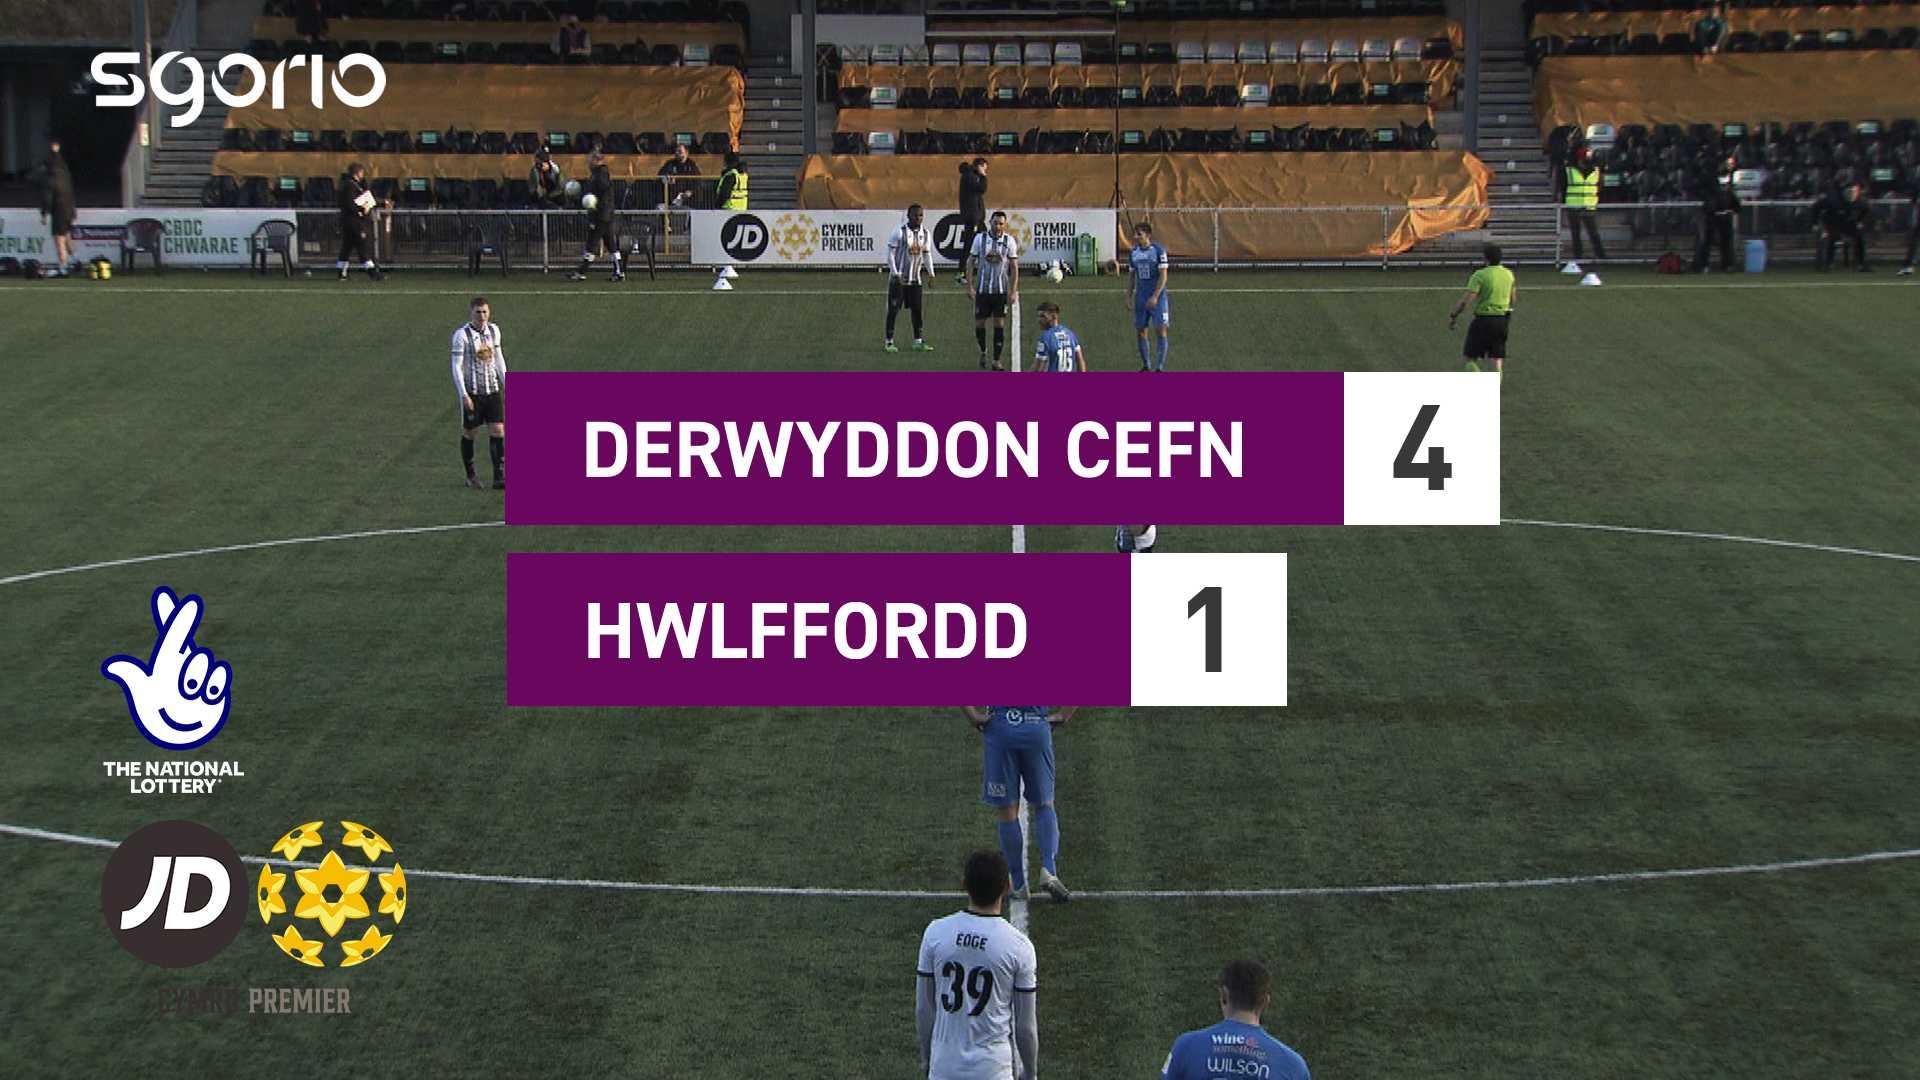 Derwyddon Cefn 4-1 Hwlffordd